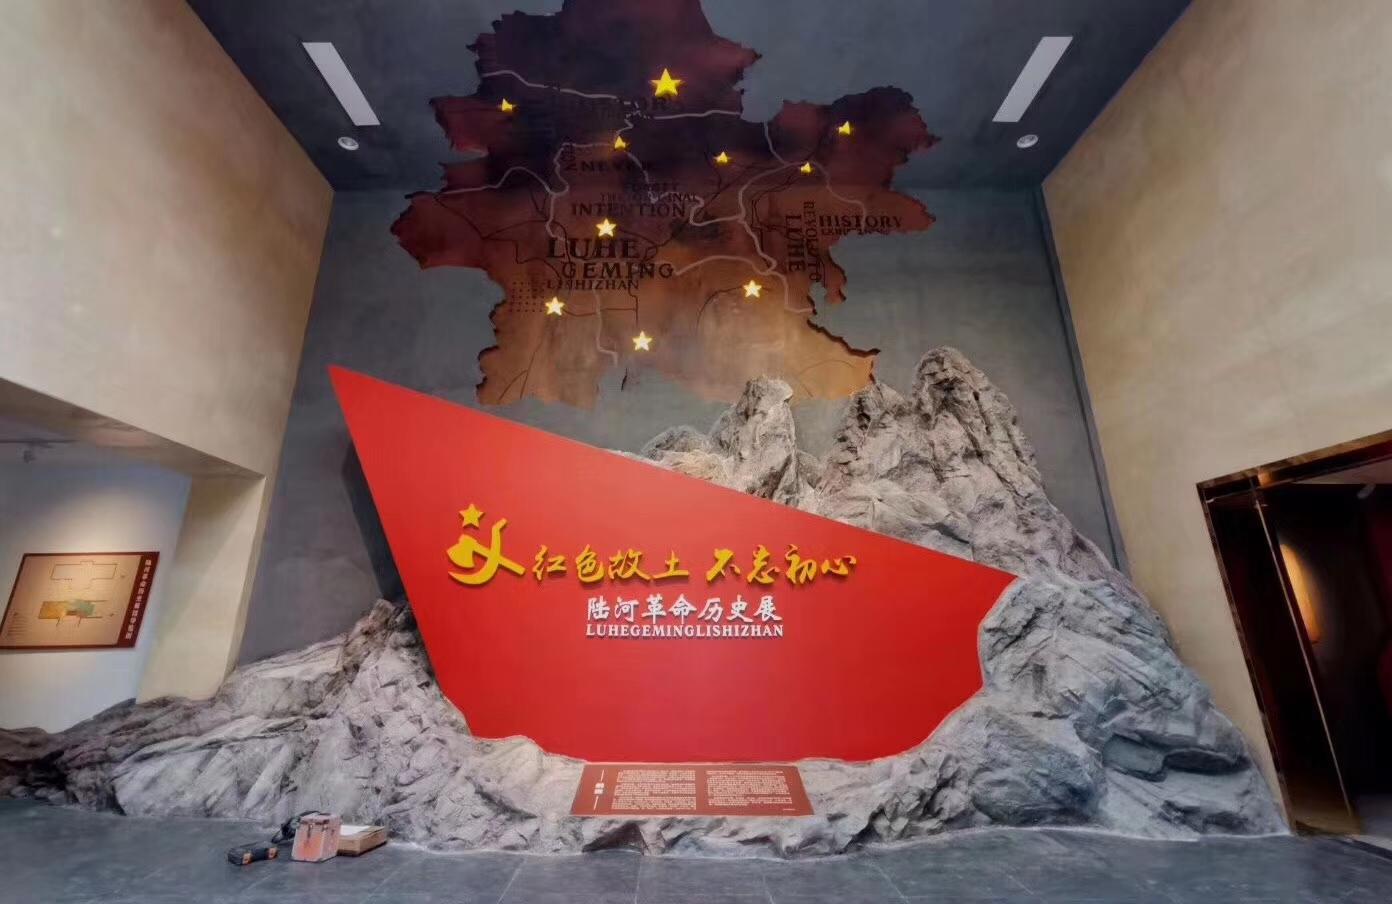 陆河革命历史展馆